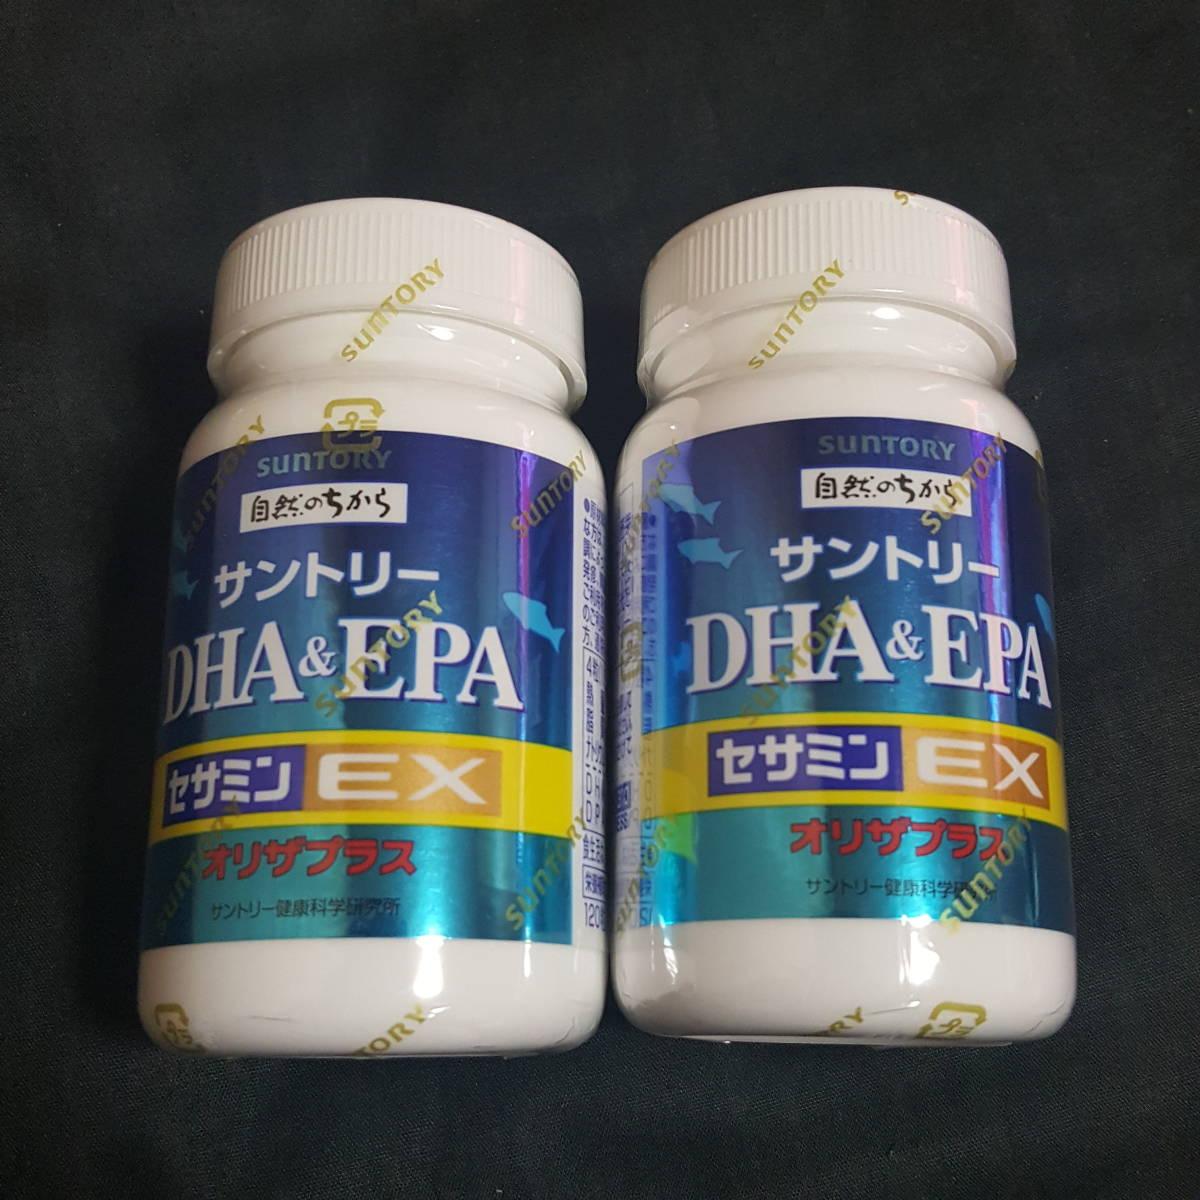 1円~ 新品未開封 サントリー DHA&EPA セサミンEX オリザプラス 120粒入×2個 合計2